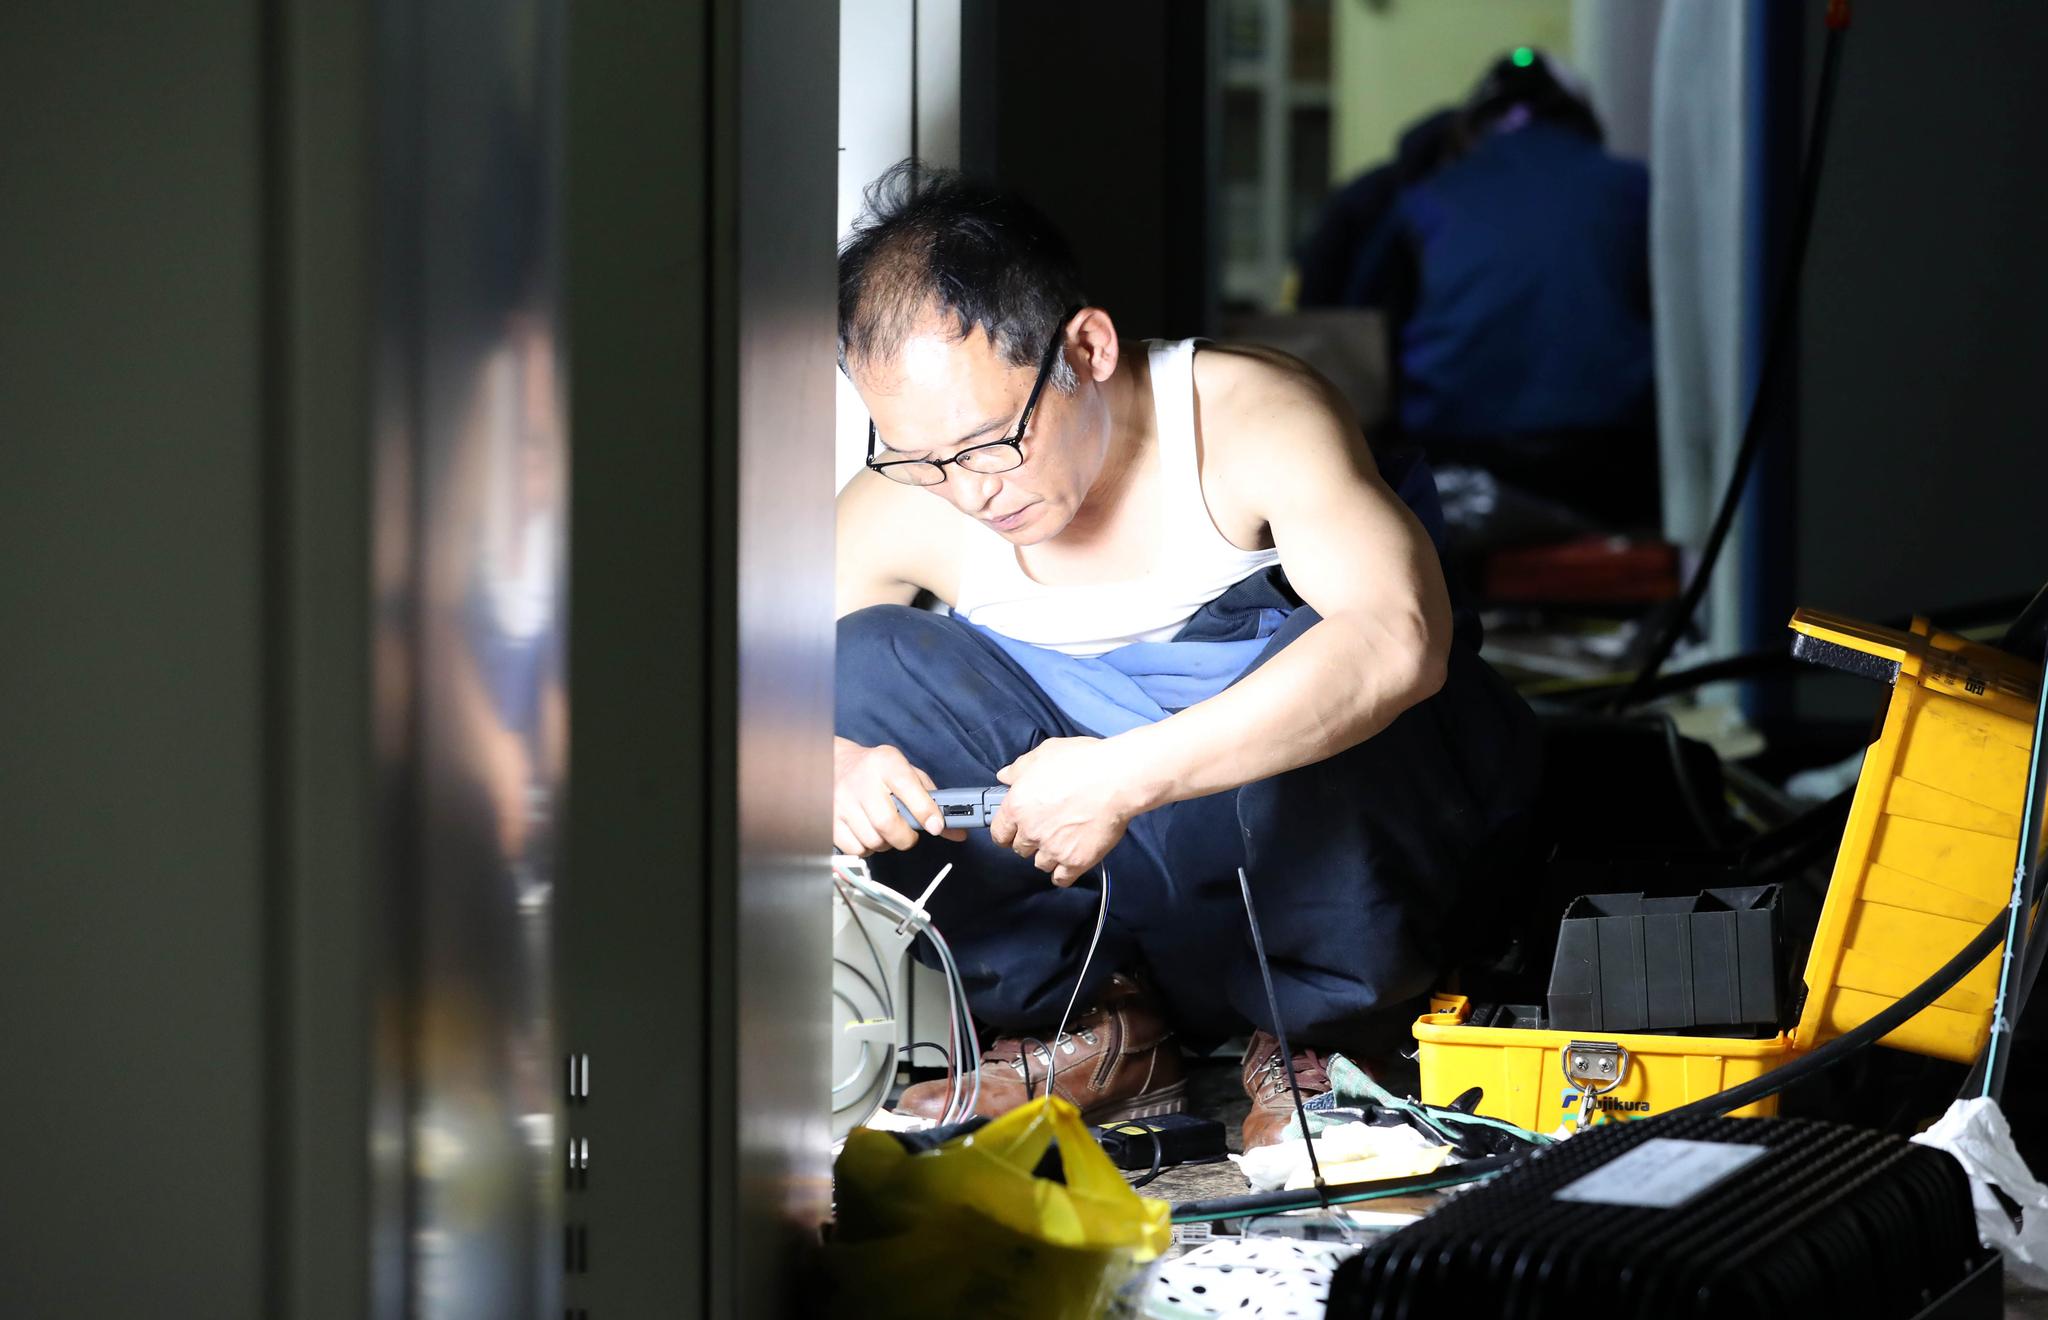 25일 오전 서울 서대문구 충정로 KT아현지사에서 KT 관계자들이 전날 발생한 화재 복구에 매진하고 있다. 우상조 기자